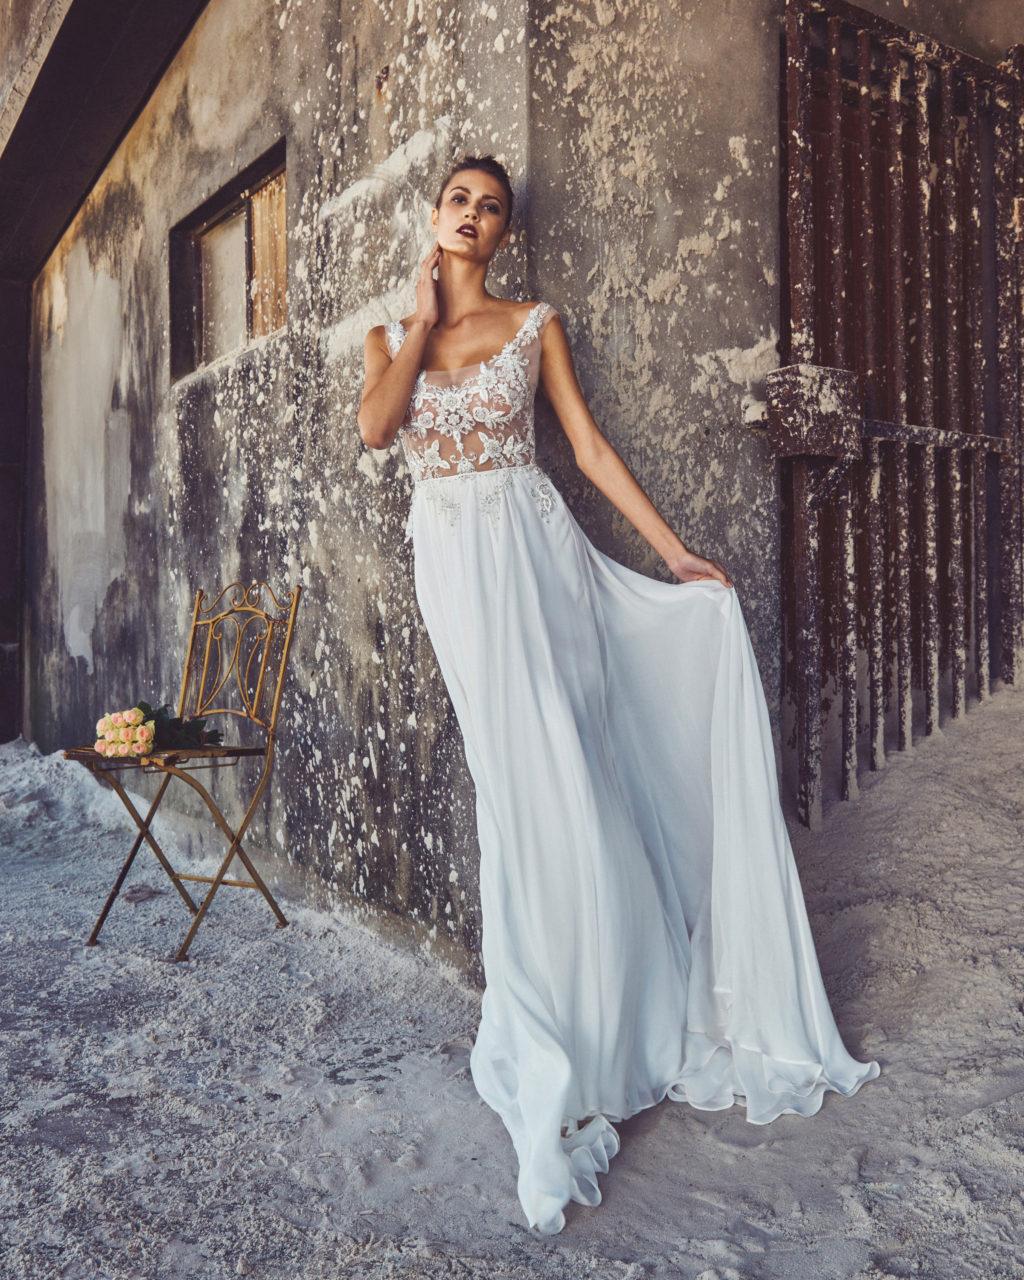 Elbeth-Gillis-Vestido-de-novia-Colección-Louise